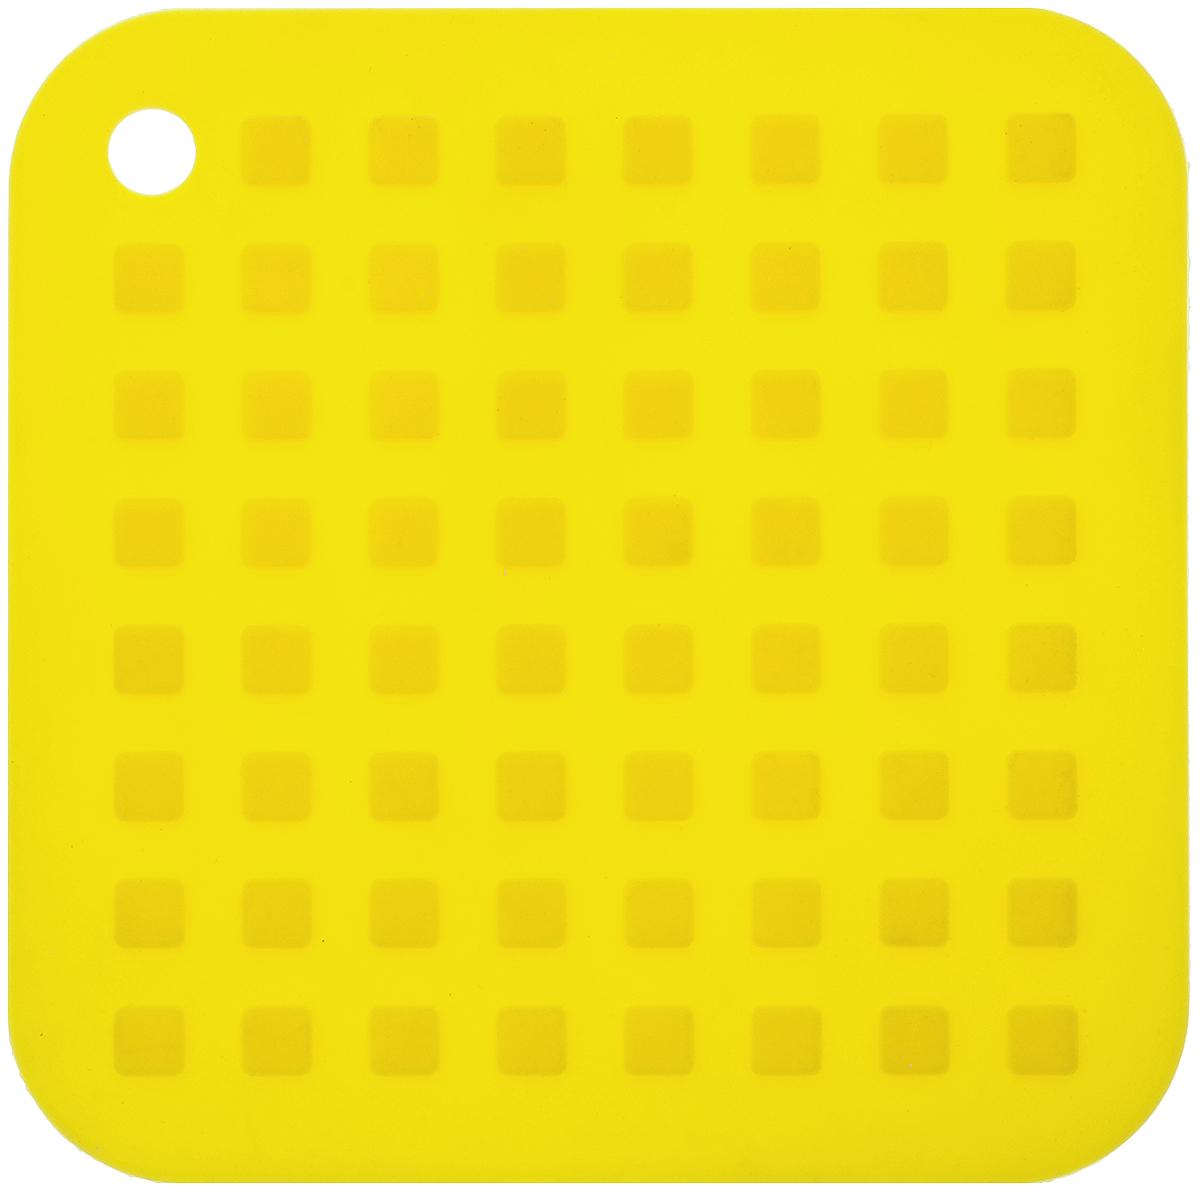 Подставка под горячее Mayer & Boch, силиконовая, цвет: желтый, 16 х 16 см20058_желтыйПодставка под горячее Mayer & Boch изготовлена из силикона и оформлена рельефом в виде квадратов. Материал позволяет выдерживать высокие температуры и не скользит по поверхности стола.Каждая хозяйка знает, что подставка под горячее - это незаменимый и очень полезный аксессуар на каждойкухне. Ваш стол будет не только украшен яркой и оригинальной подставкой, но и сбережен от воздействия высоких температур.